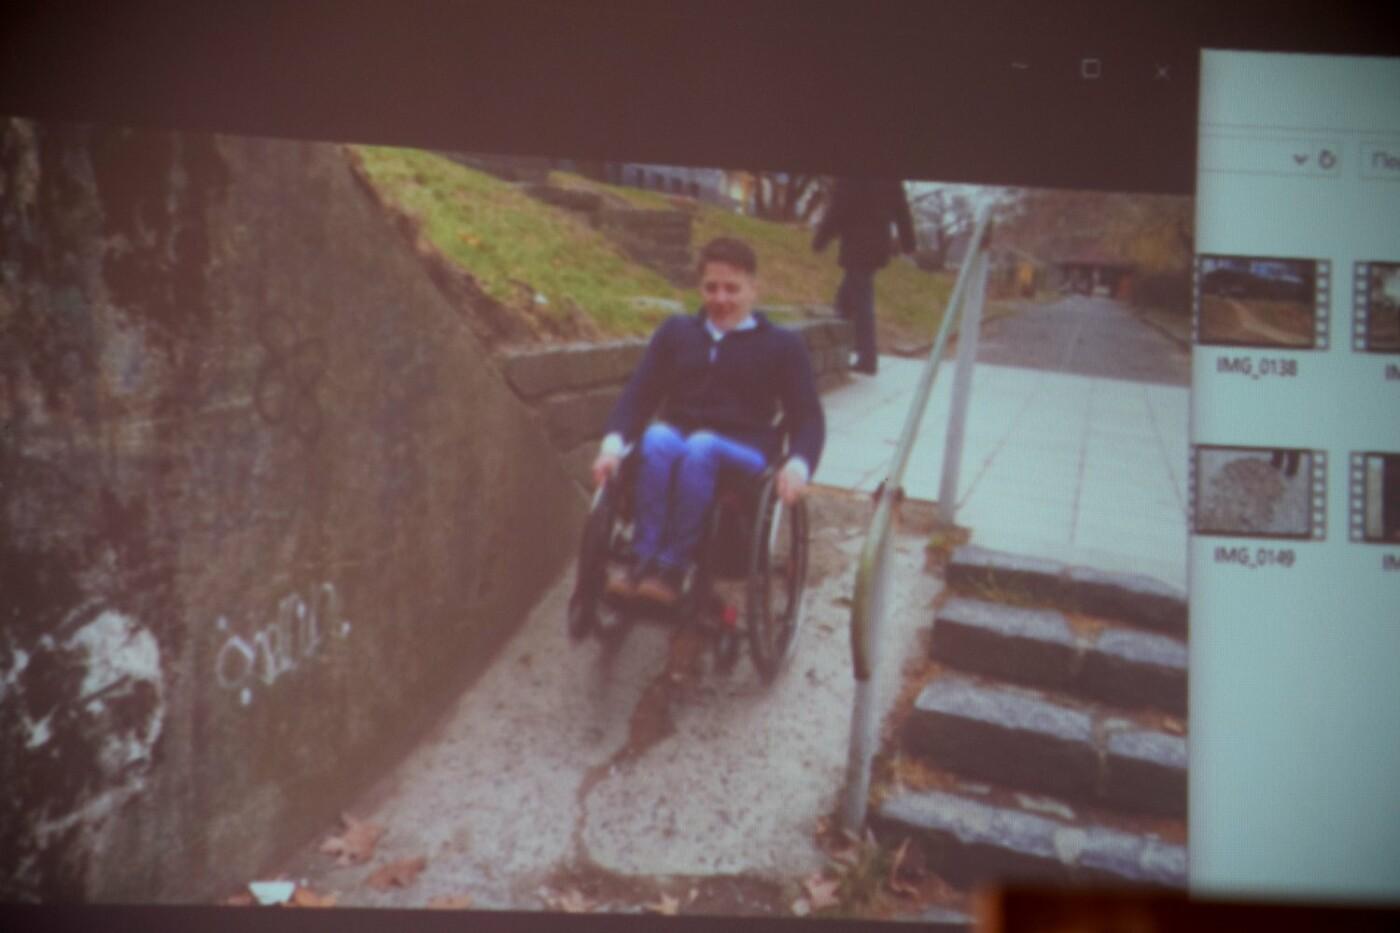 В Ужгороді будуть покращувати умови доступності для людей з інвалідністю, фото-3